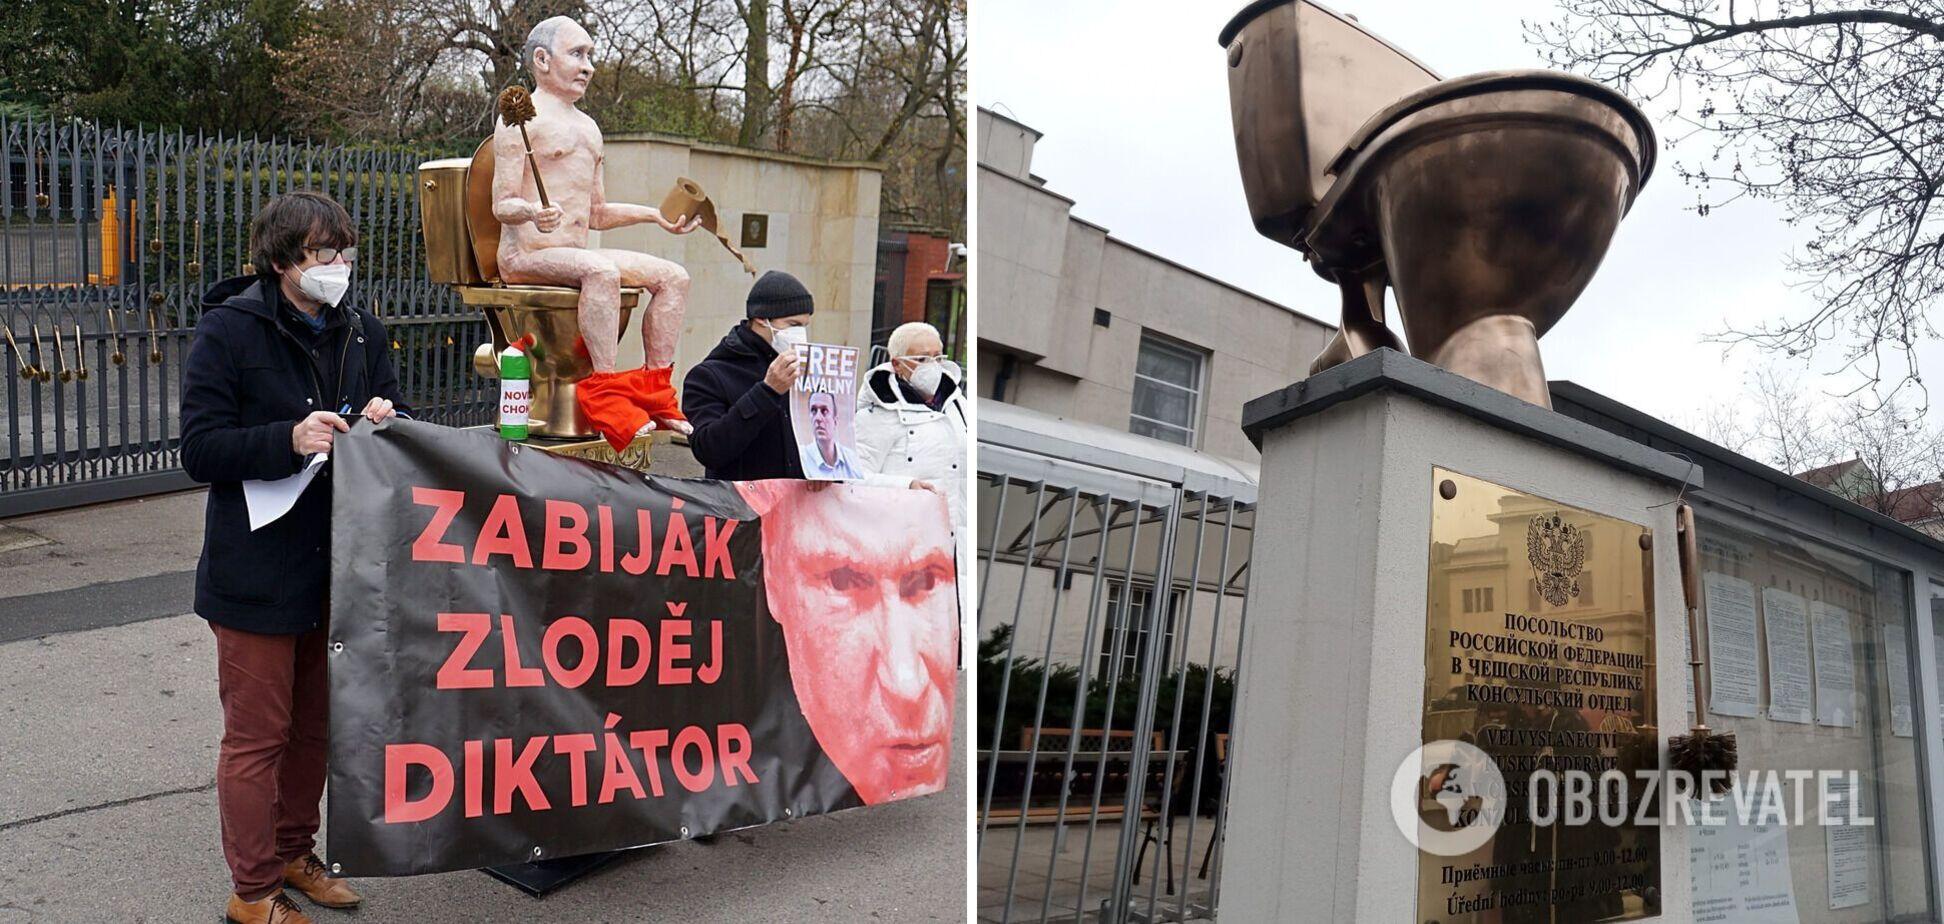 Біля посольства РФ у Празі 'голого Путіна' посадили на золотий унітаз. Фото та відео